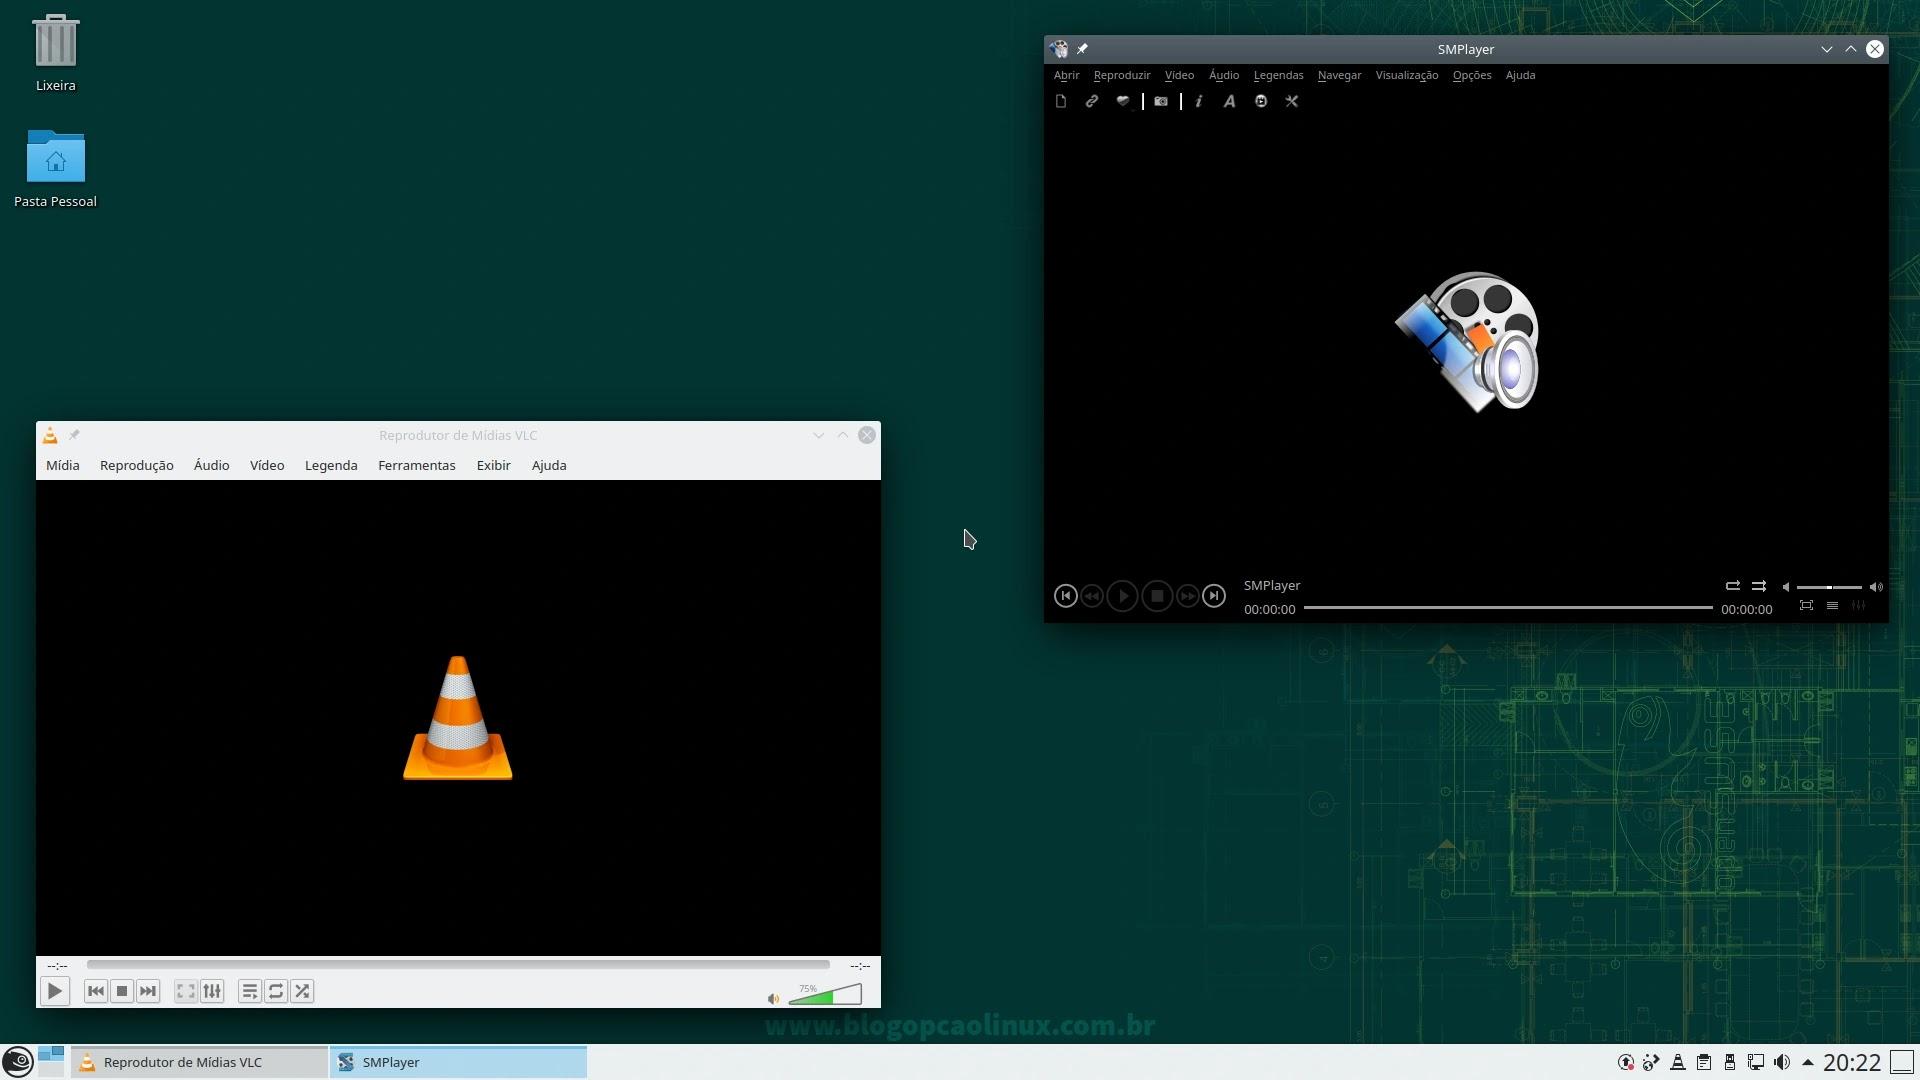 VLC Media Player e SMPlayer executando no openSUSE Leap 15.3